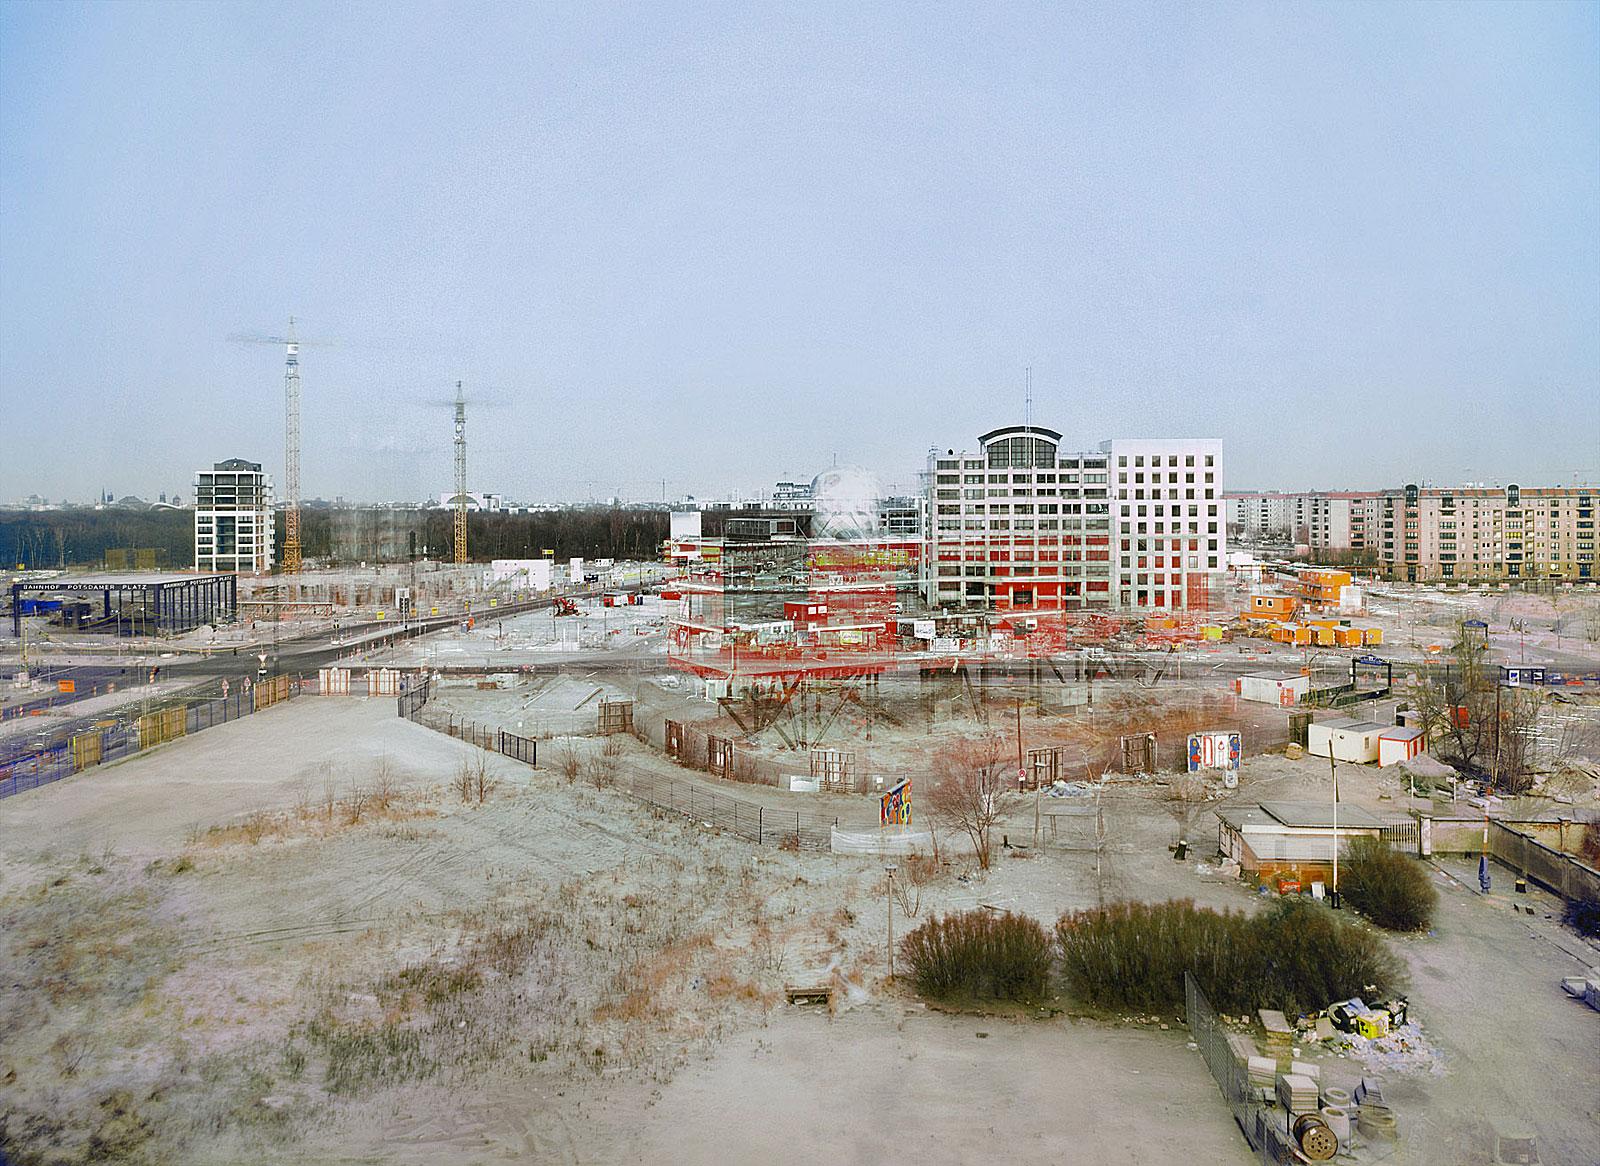 Abbau Infobox, Berlin (16.1. - 4.4.2001)